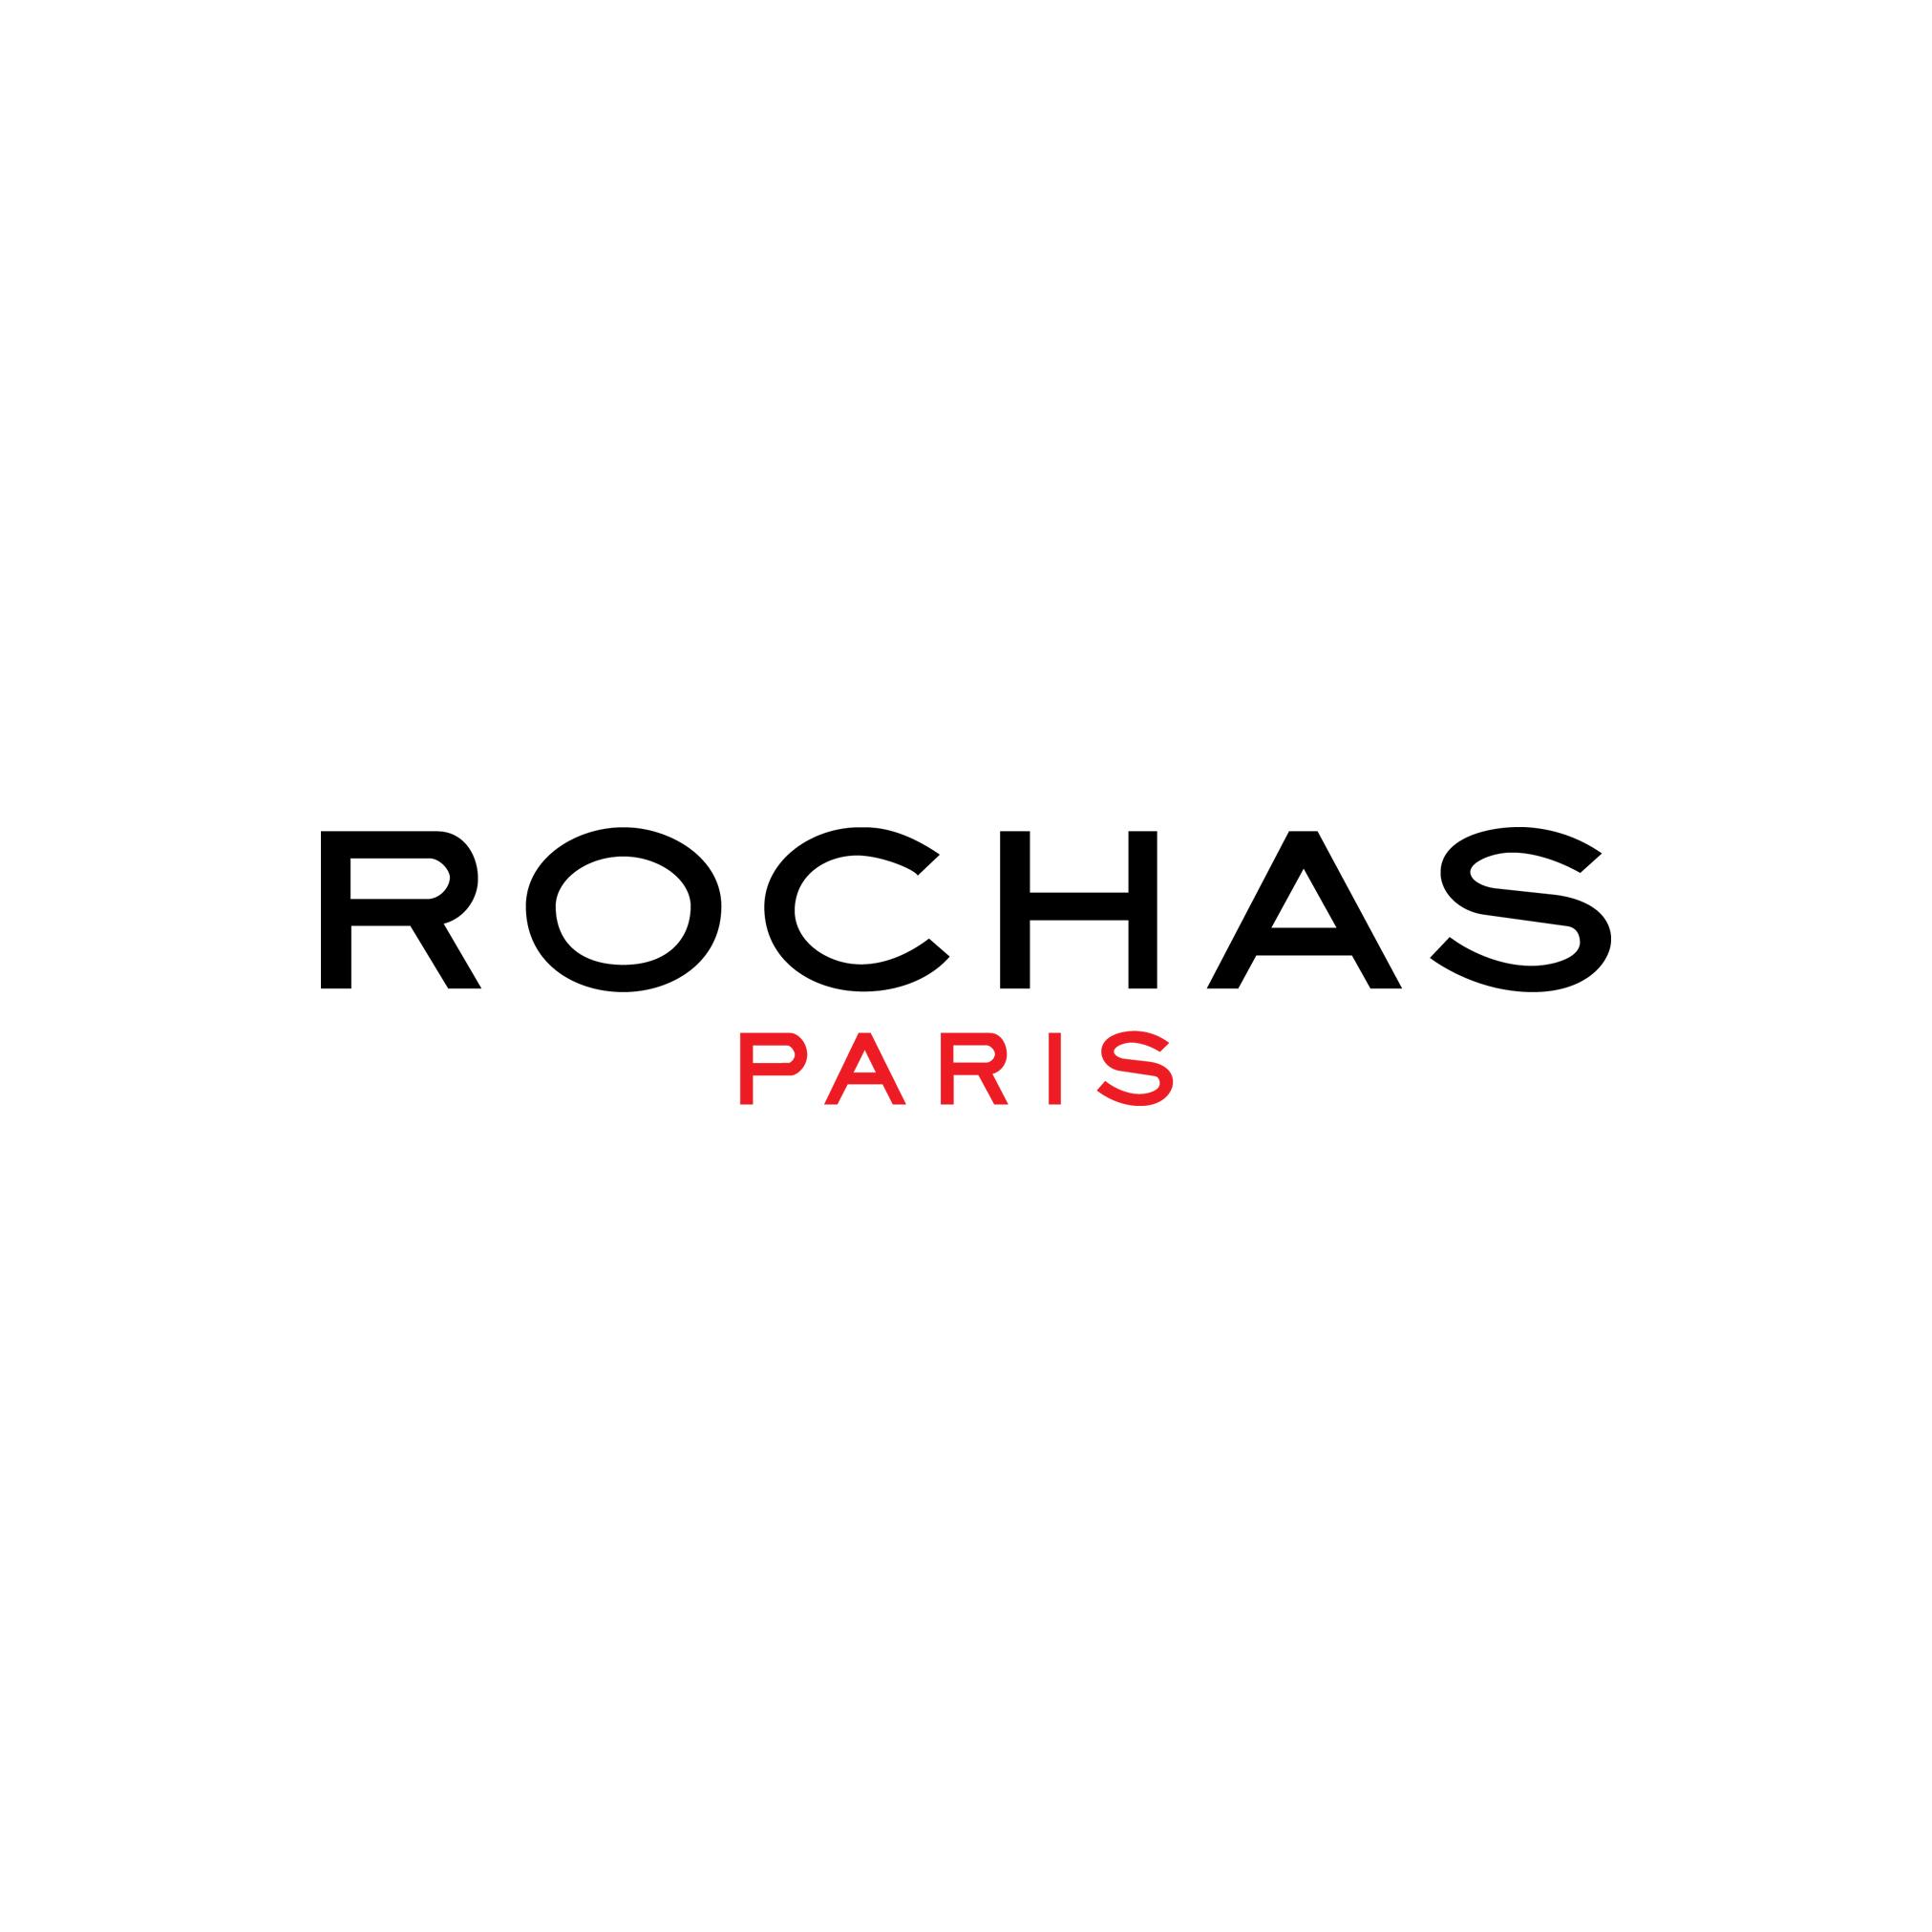 Rochas Lgoo for Website.jpg